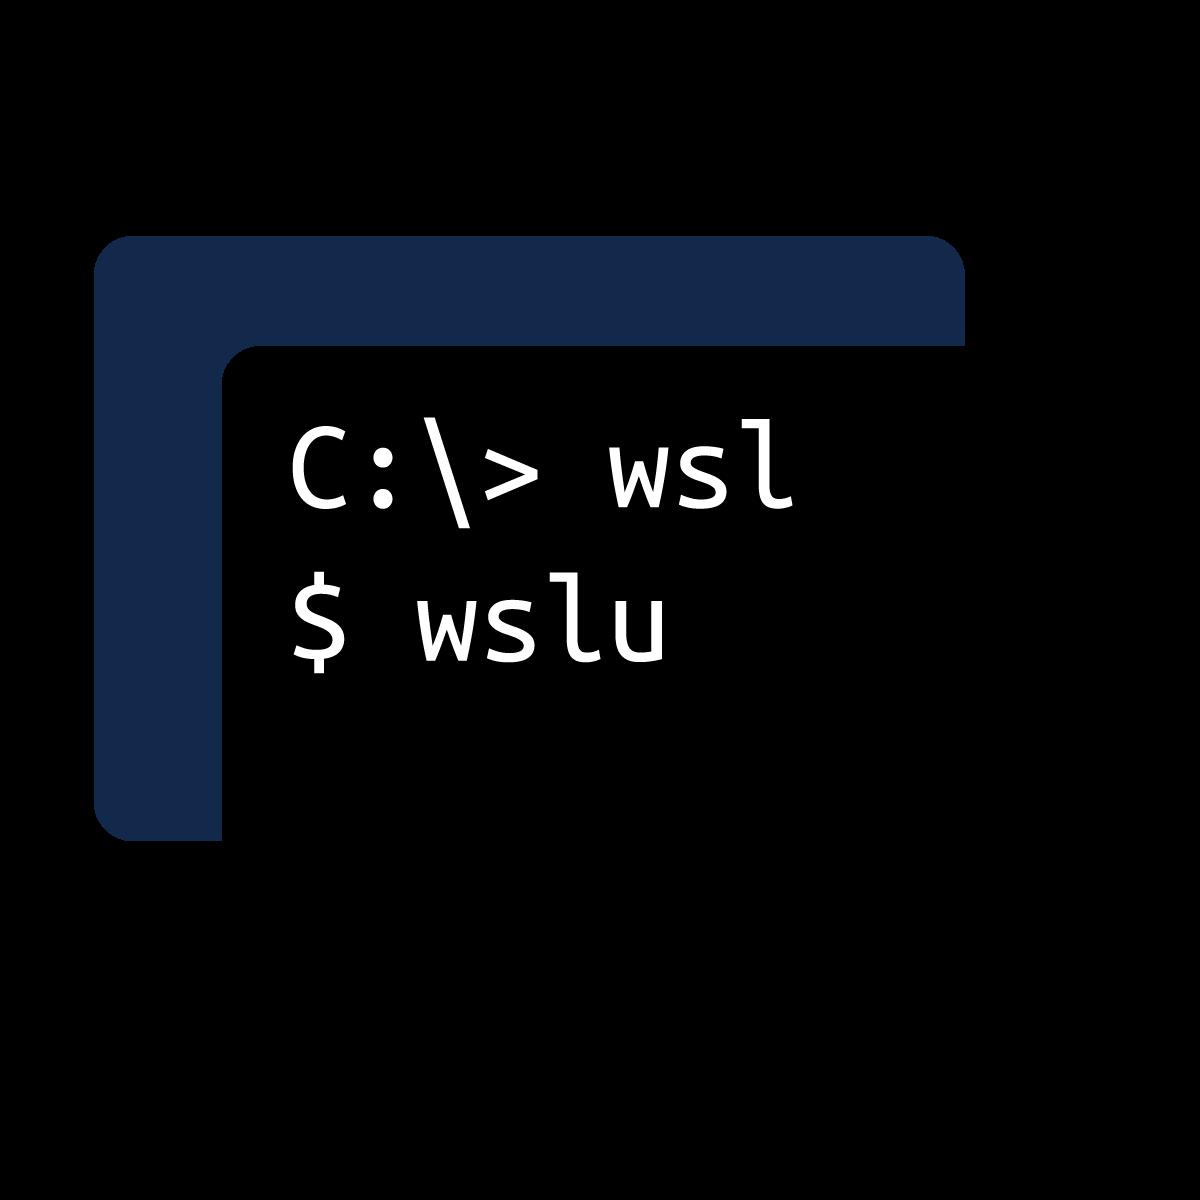 WSL 的实用程序集 wslu